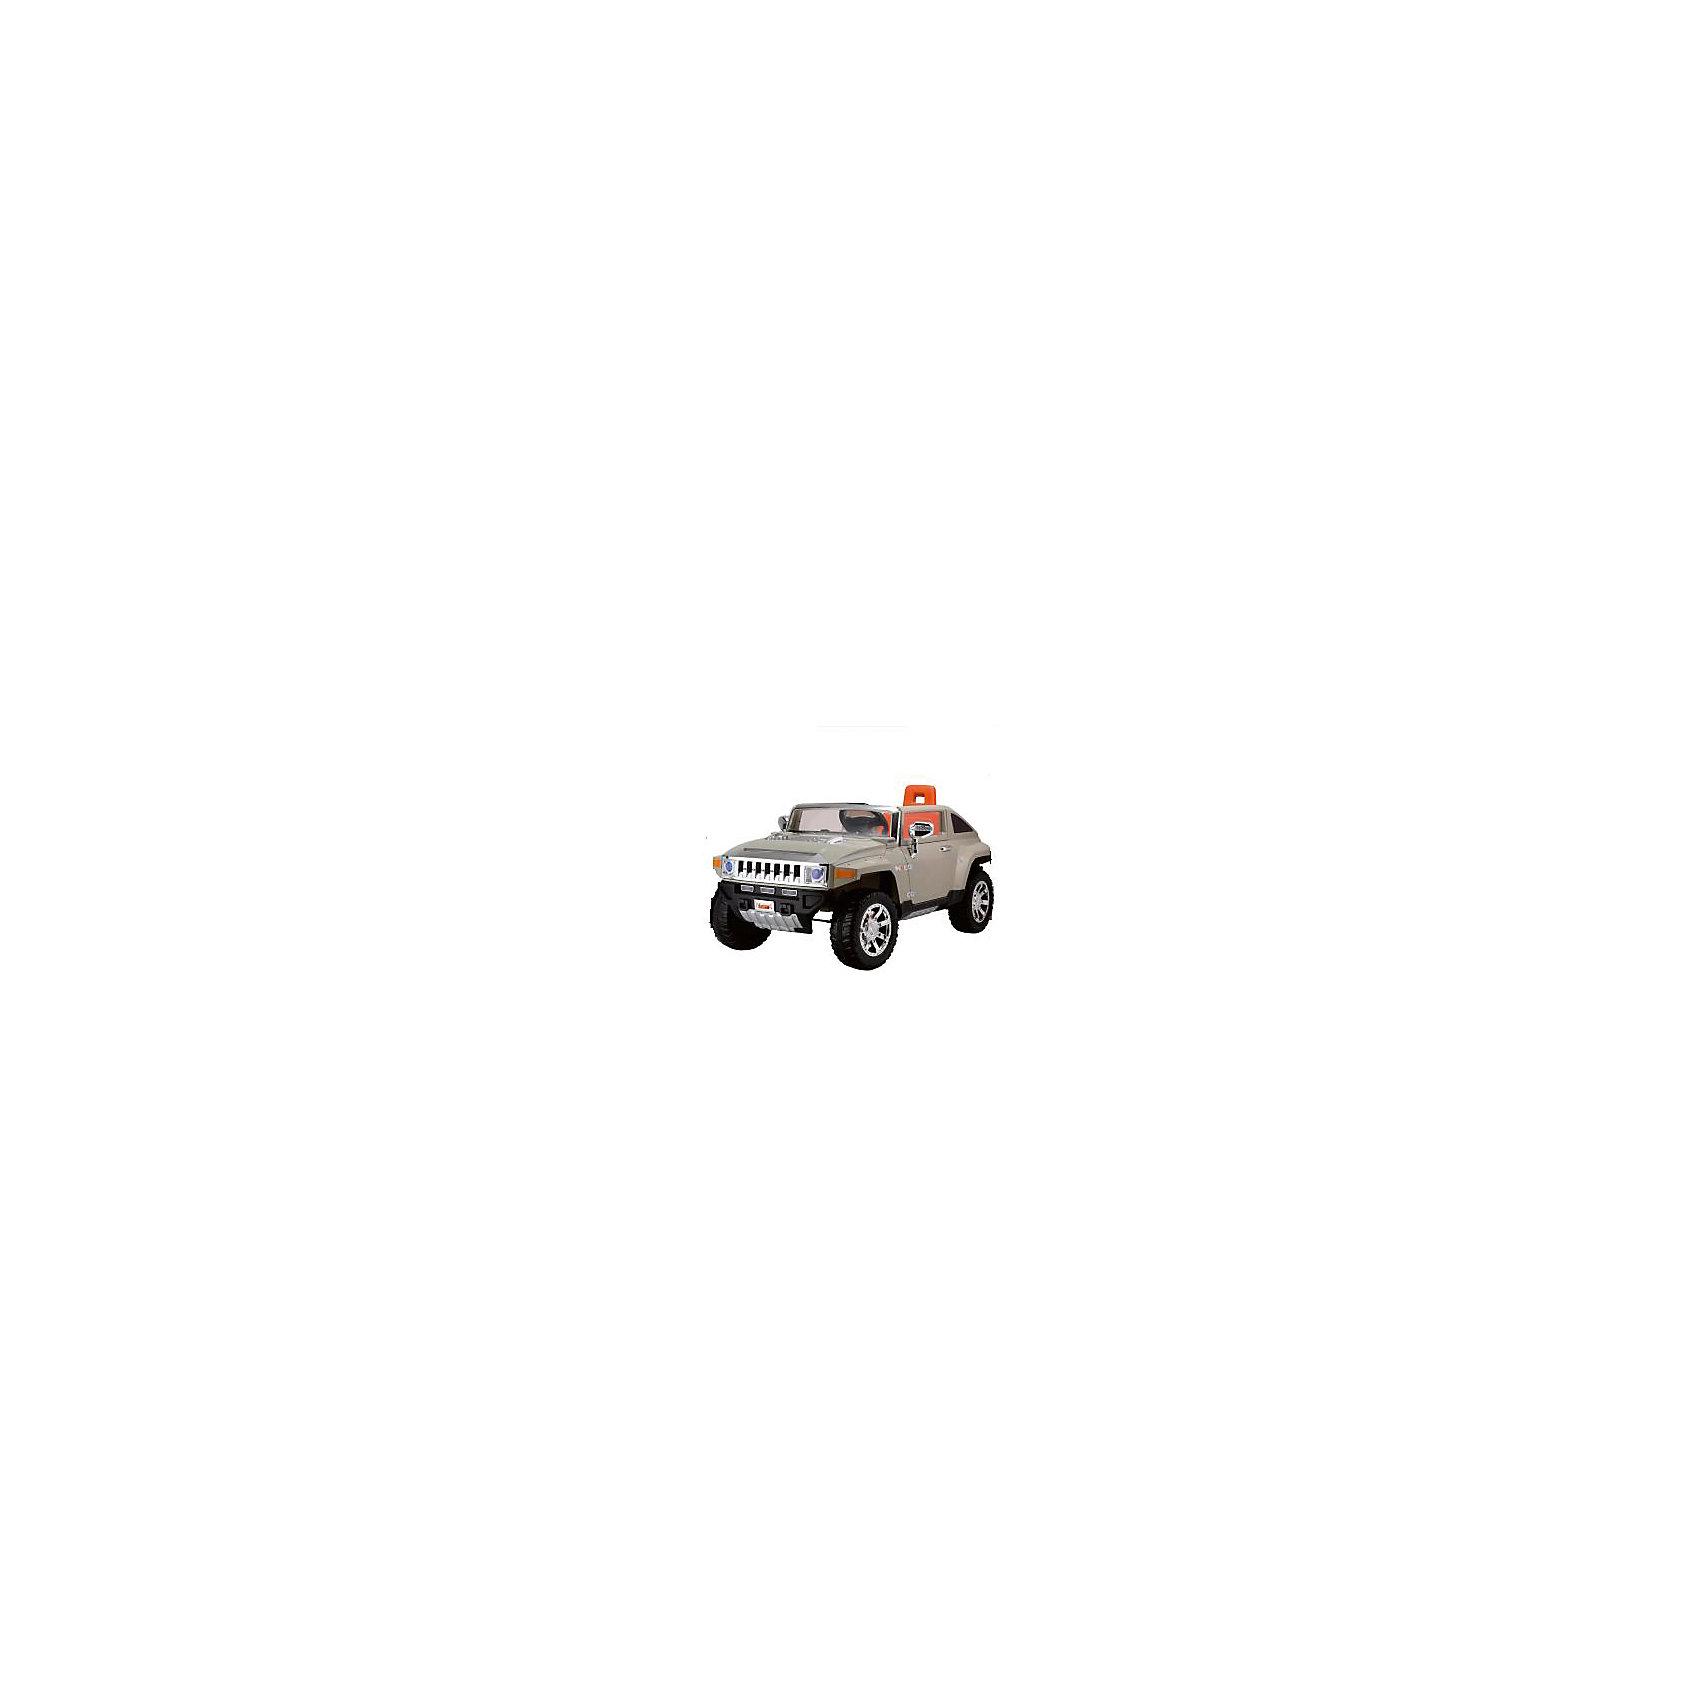 Джип на аккумуляторе, BugatiЭлектромобили<br>Джип HUMMER на аккумуляторах с пультом управления ру - аккумулятор 12v7ah, 2 мотора по 35w - 2 скорости вперед и одна назад - открываются двери - световые и звуковые эффекты, светодиодная подсветка фар - задний амортизатор - светятся передние и задние фары - индикатор заряда аккумулятора, мр3 - подсветка приборной панели - ремни безопасности - резиновые вставки на колесах - габариты: 141х72х65 см - максимальная скорость - 8 км/час - максимальная нагрузка - 30 кг.<br><br>Ширина мм: 650<br>Глубина мм: 720<br>Высота мм: 1410<br>Вес г: 26000<br>Возраст от месяцев: 60<br>Возраст до месяцев: 108<br>Пол: Унисекс<br>Возраст: Детский<br>SKU: 5530235